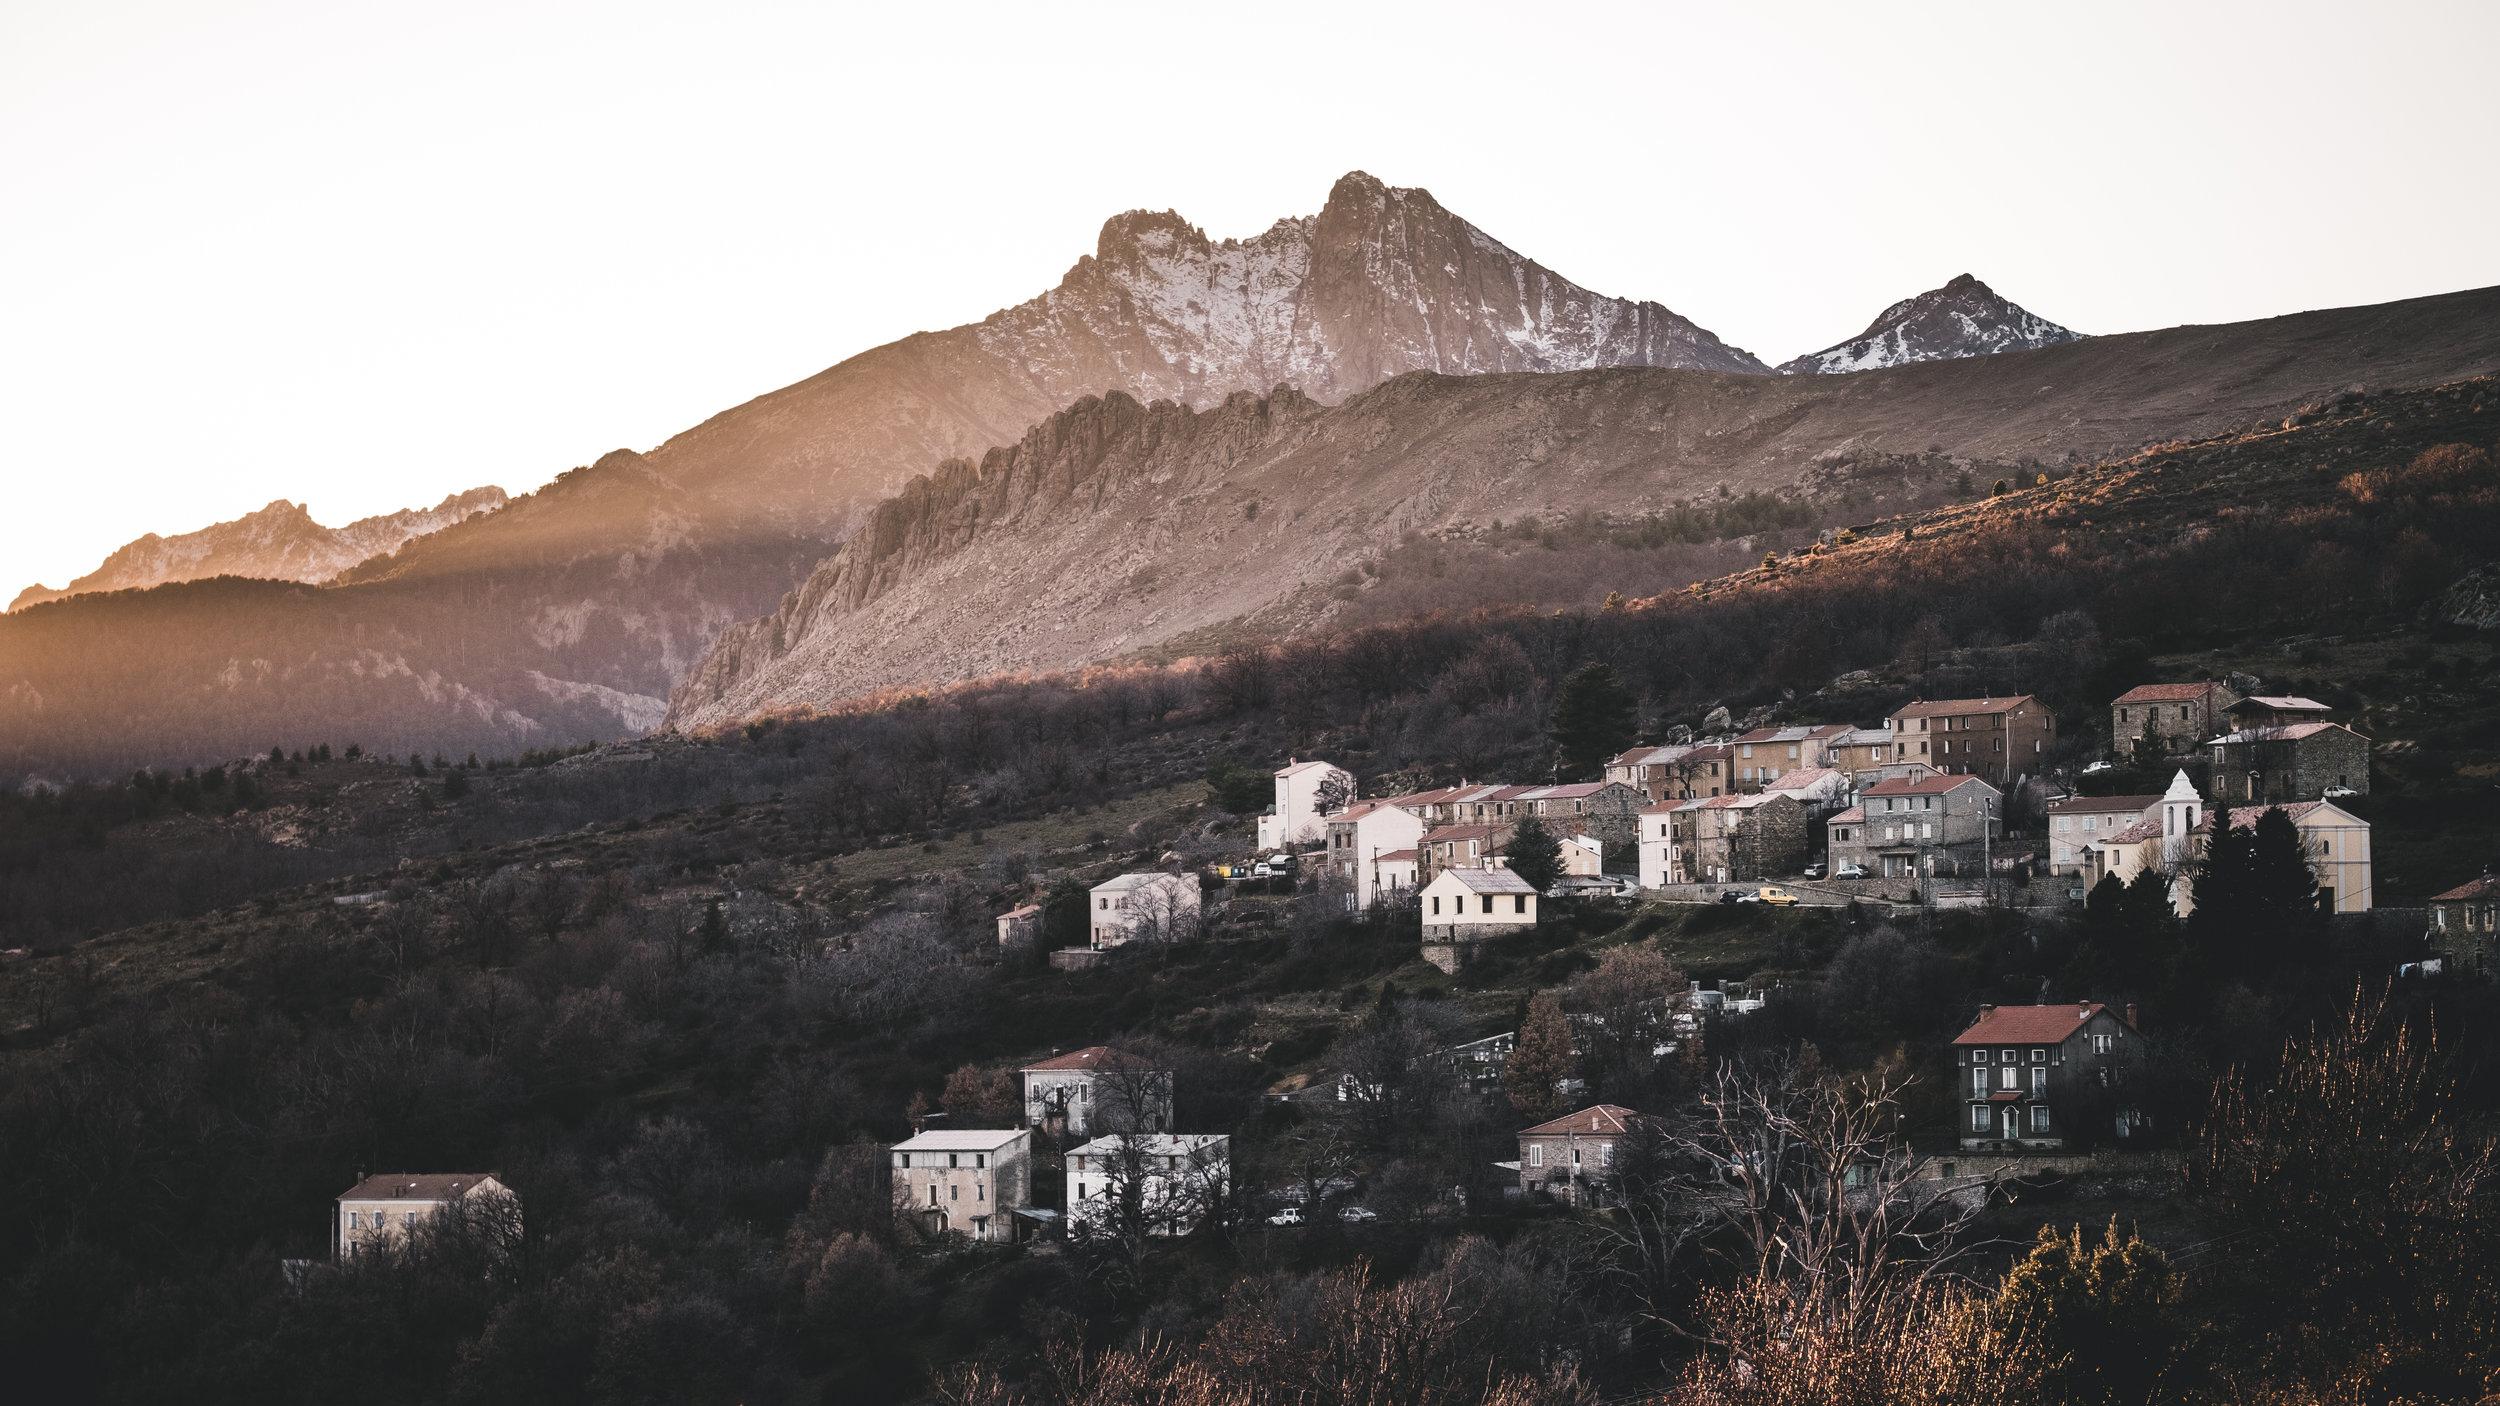 Sunset over the village Lozzi